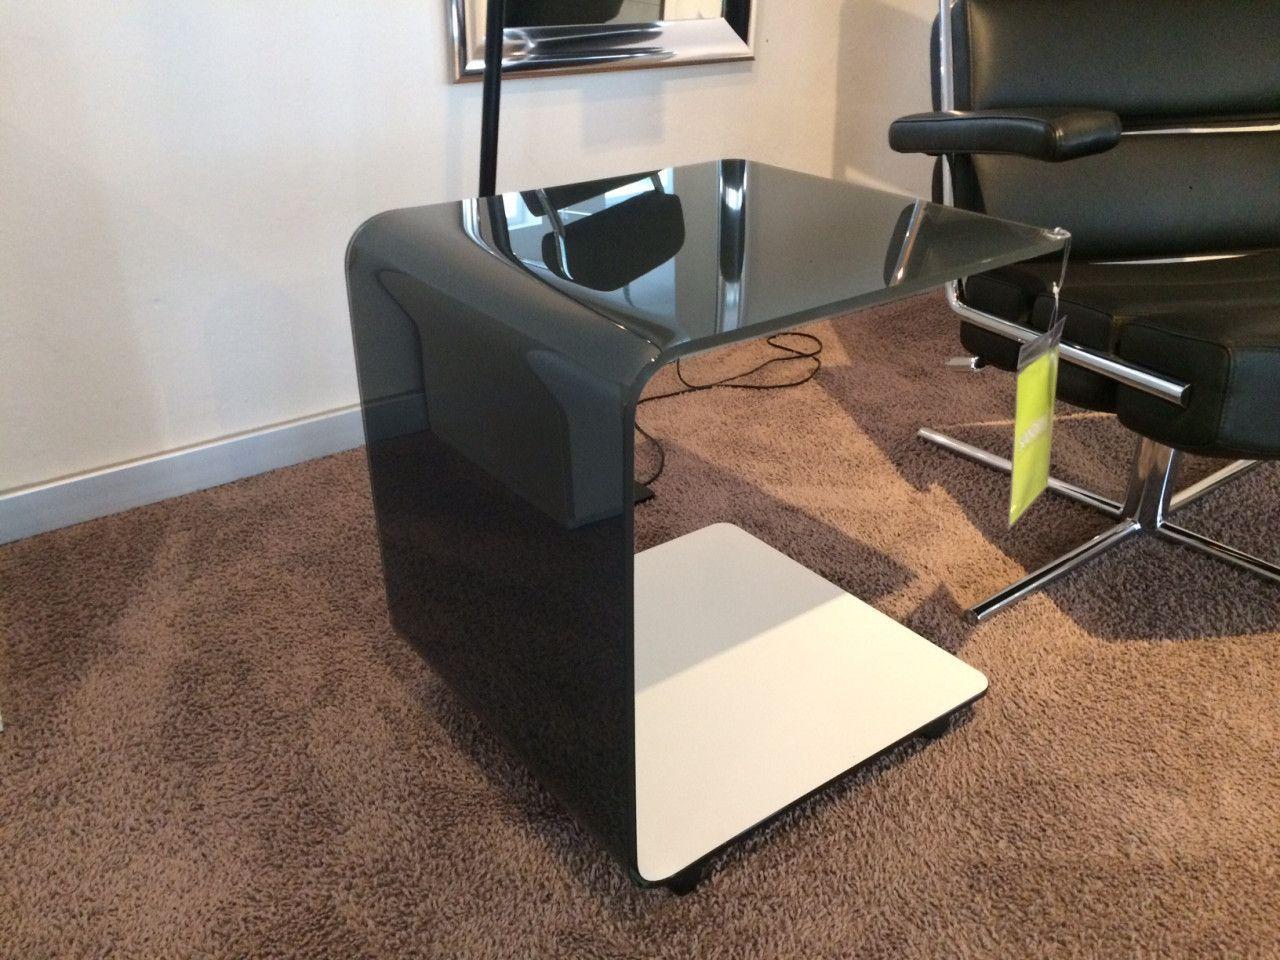 Praktisch Rolltisch Zabo Von Dreieck Aus Lackiertem Glas Ist An Einer Seite Offen Und Lasst Sich So Super Uber Eine Sofalehne Schieben Rolltisch Tisch Dreieck